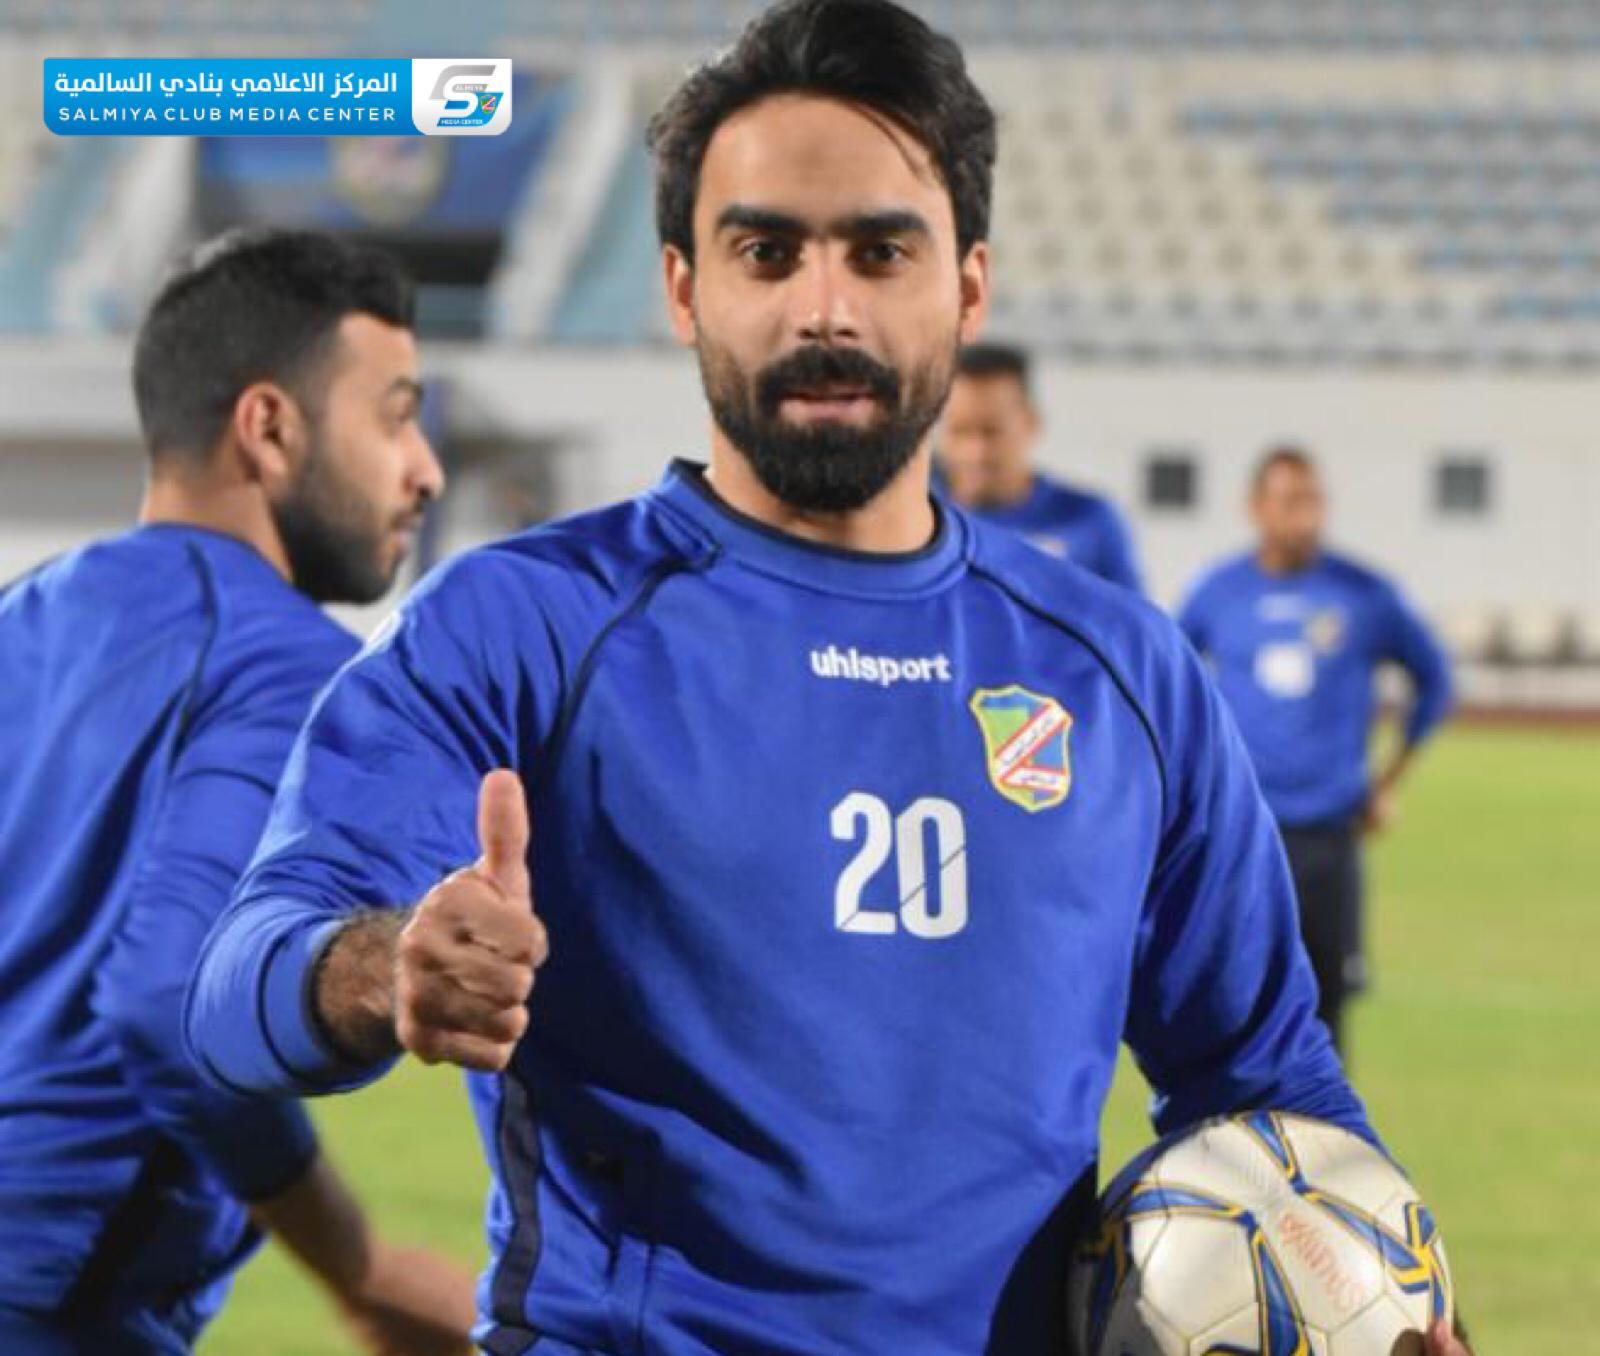 حسين الموسوي سلماوي | نادي السالمية الرياضي - Salmiya Sport Club